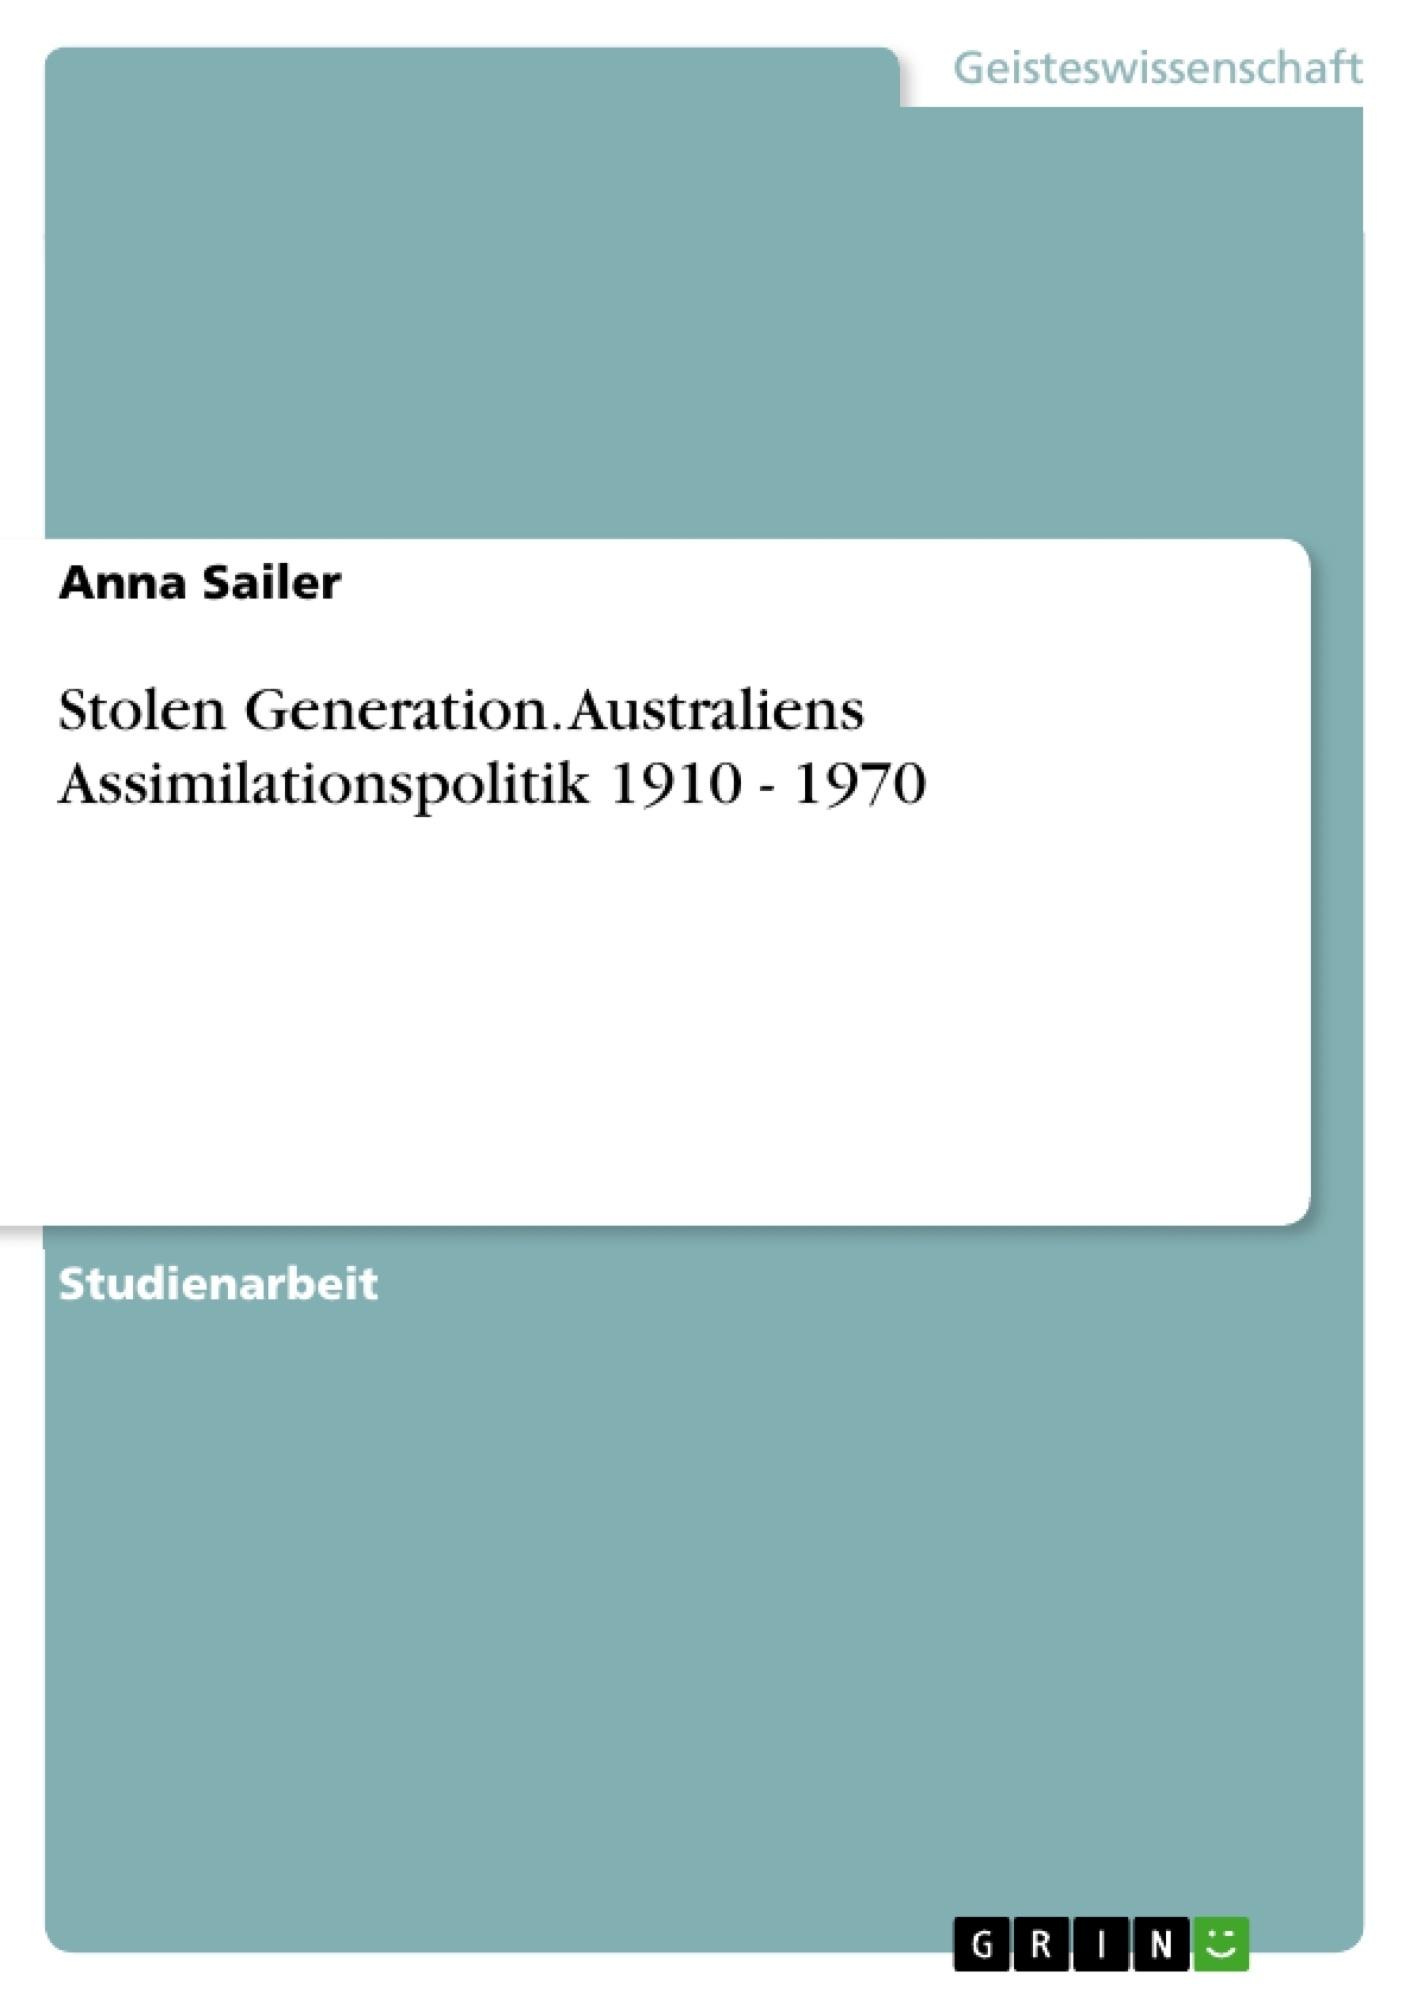 Titel: Stolen Generation. Australiens Assimilationspolitik 1910 - 1970